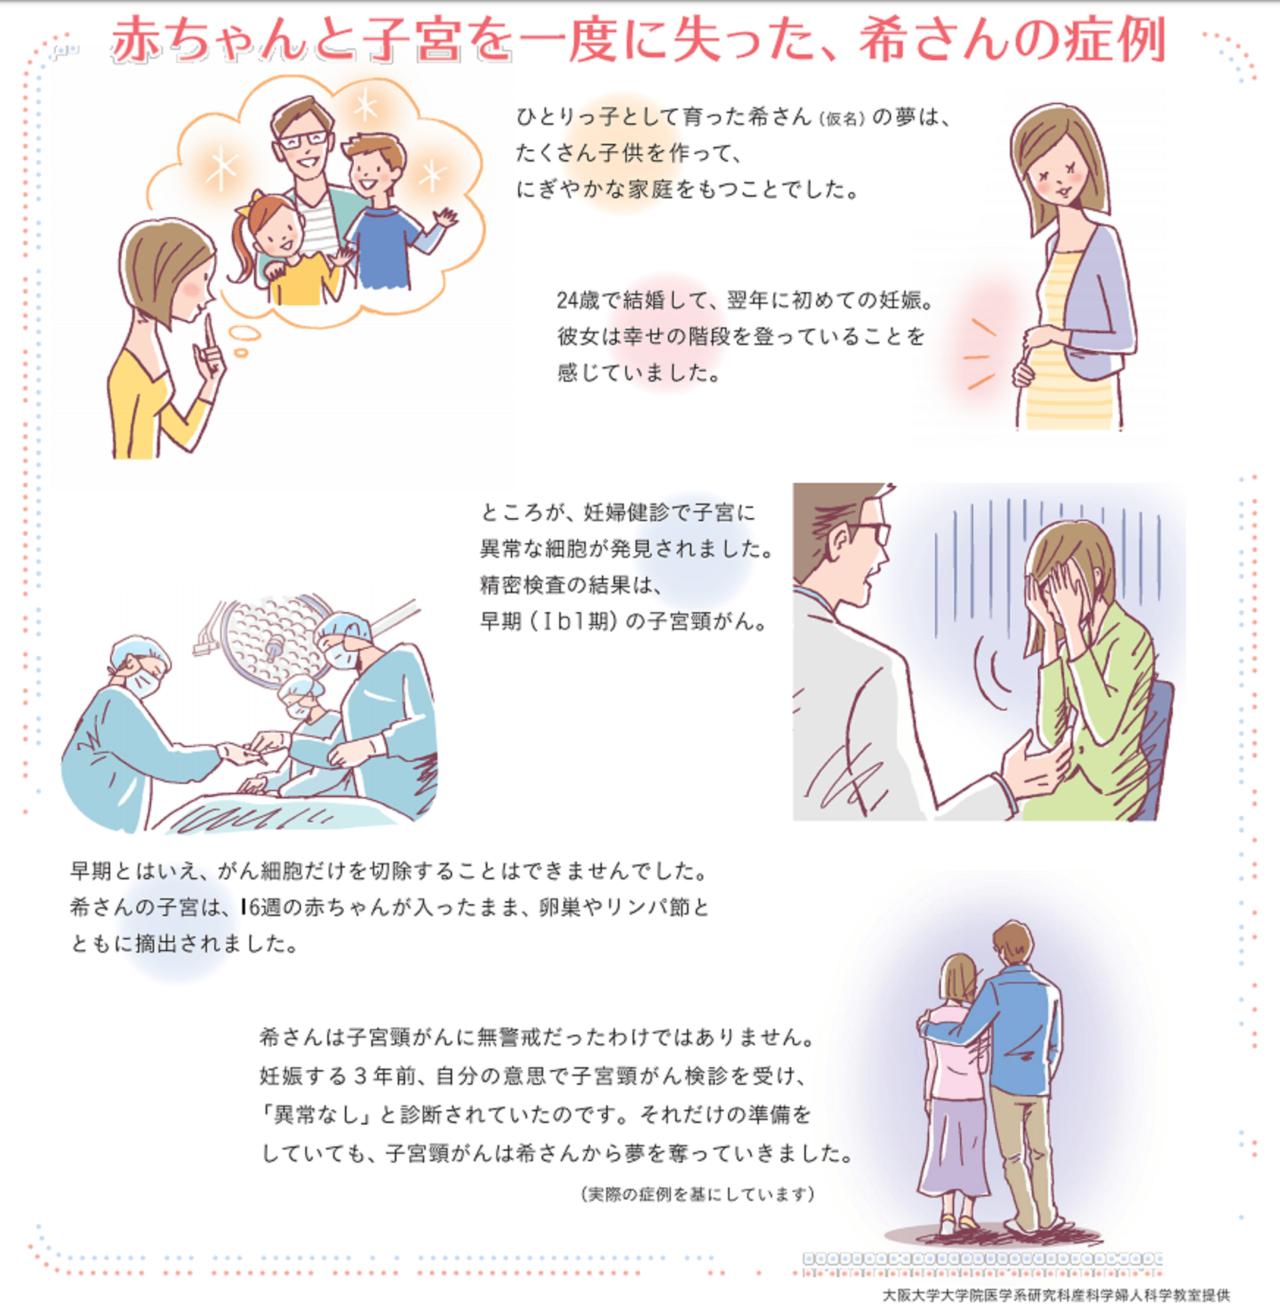 ワクチン 癌 子宮 副作用 頚